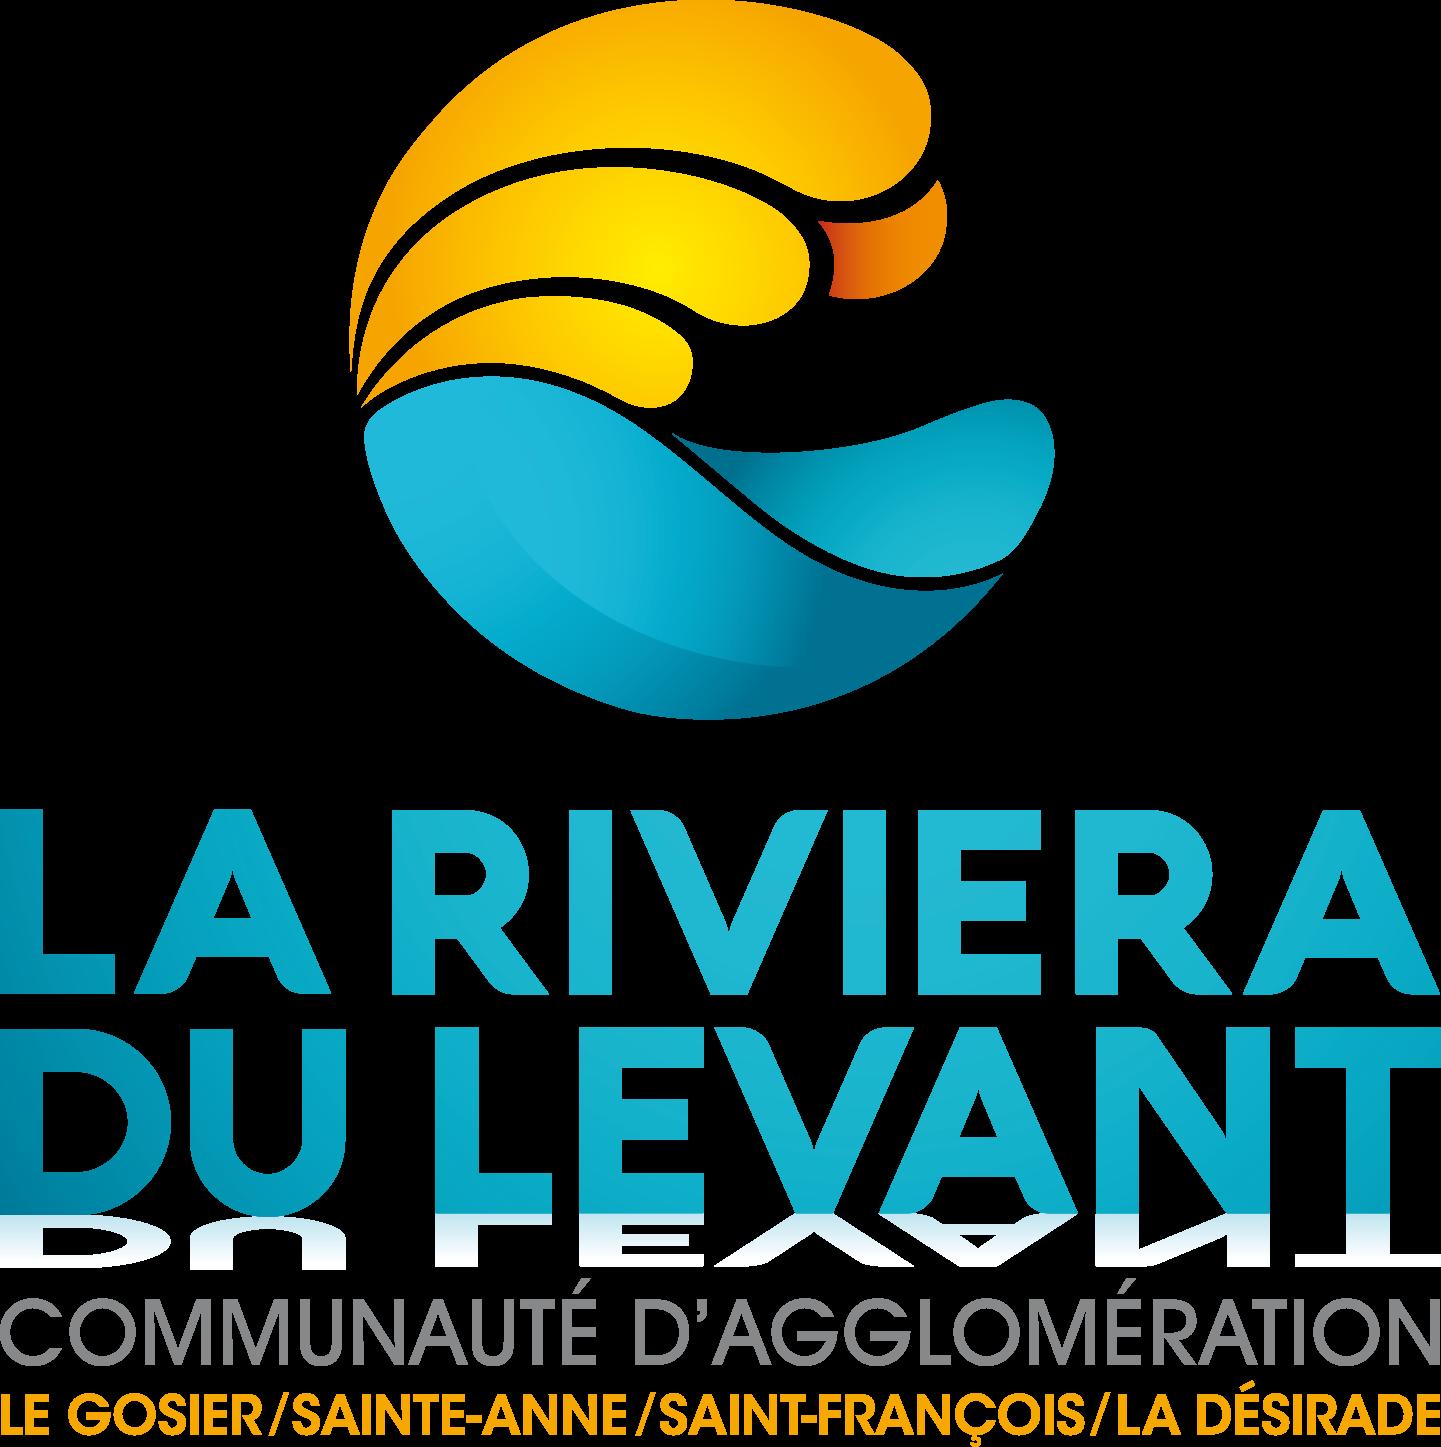 La Riviera du Levant